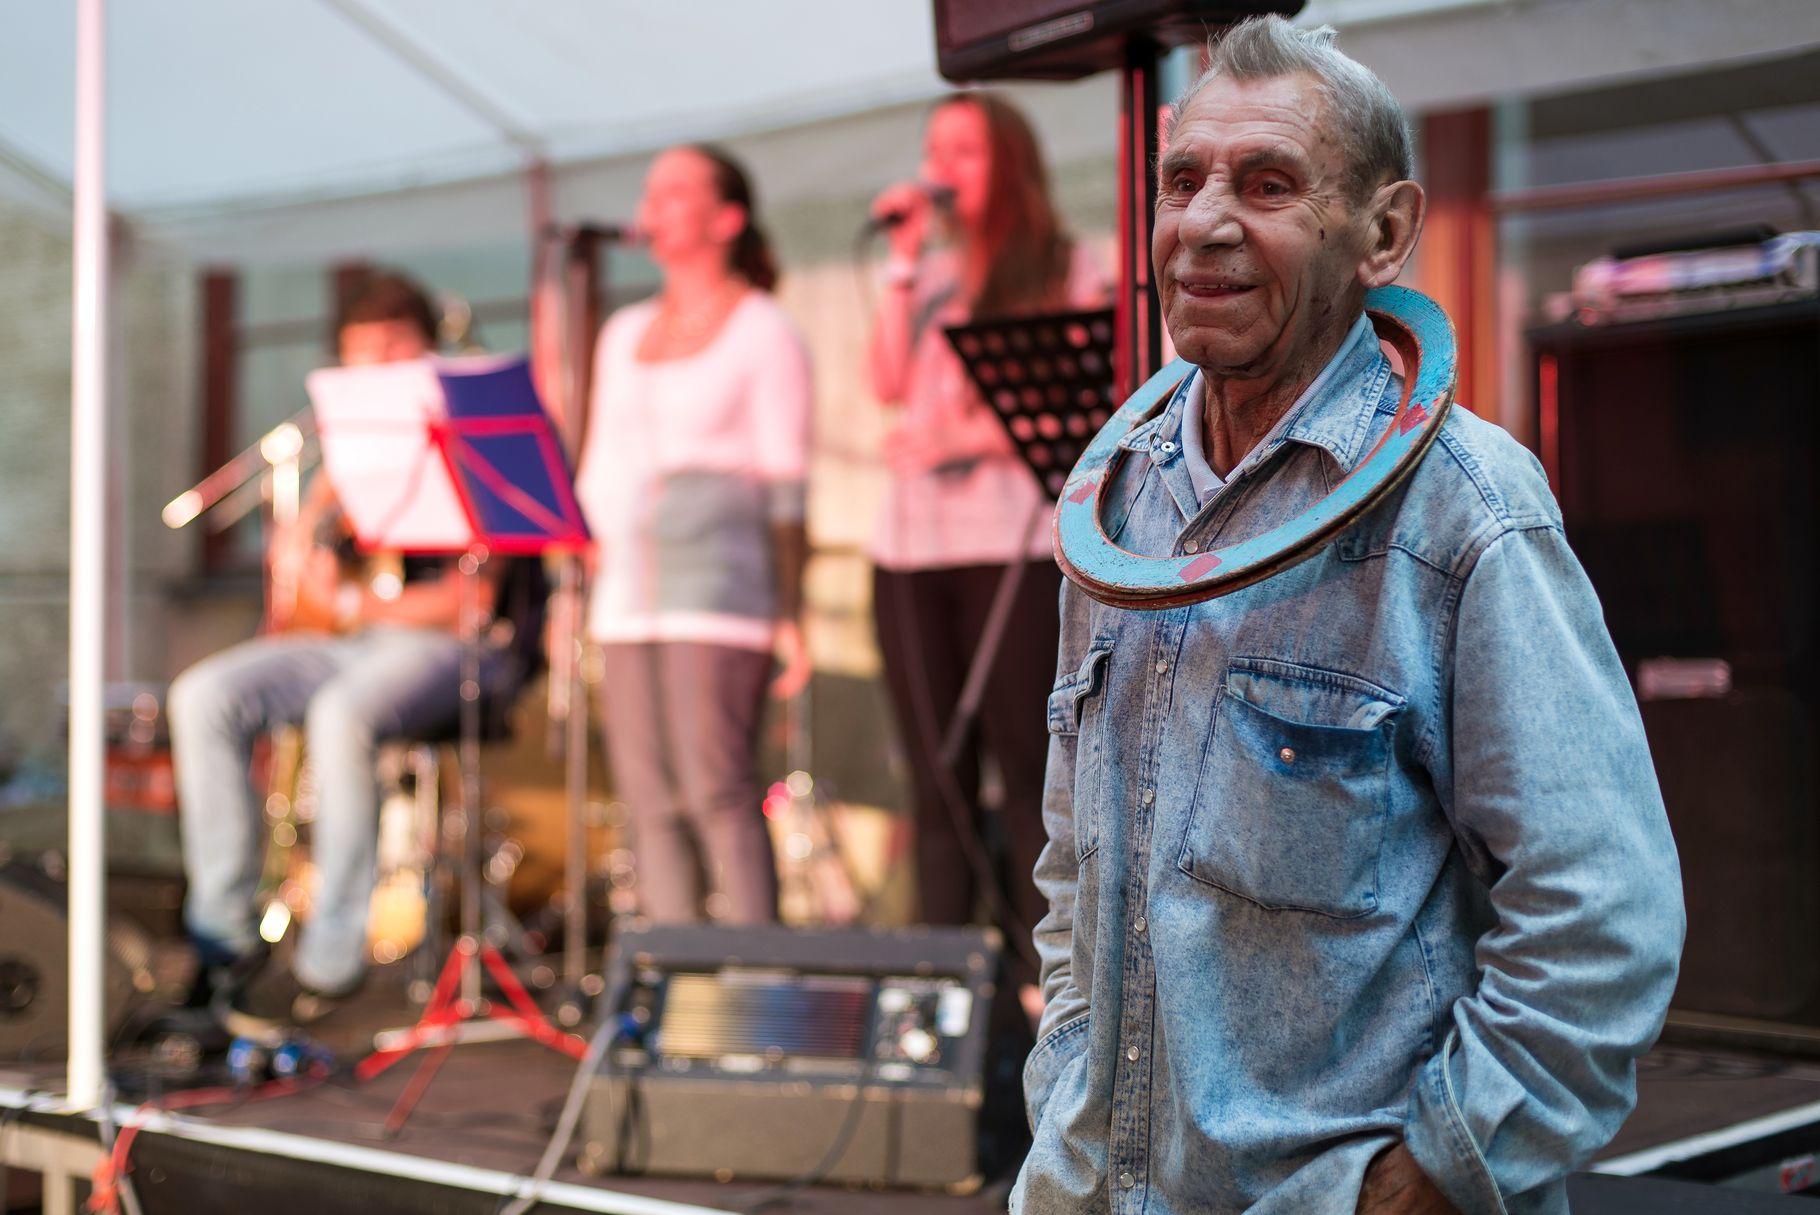 Konzerte im Bürgerhof 28.06.14 Der Jongleur - Freiwilligen-Zentrum Augsburg - Foto: Martin Schönberger